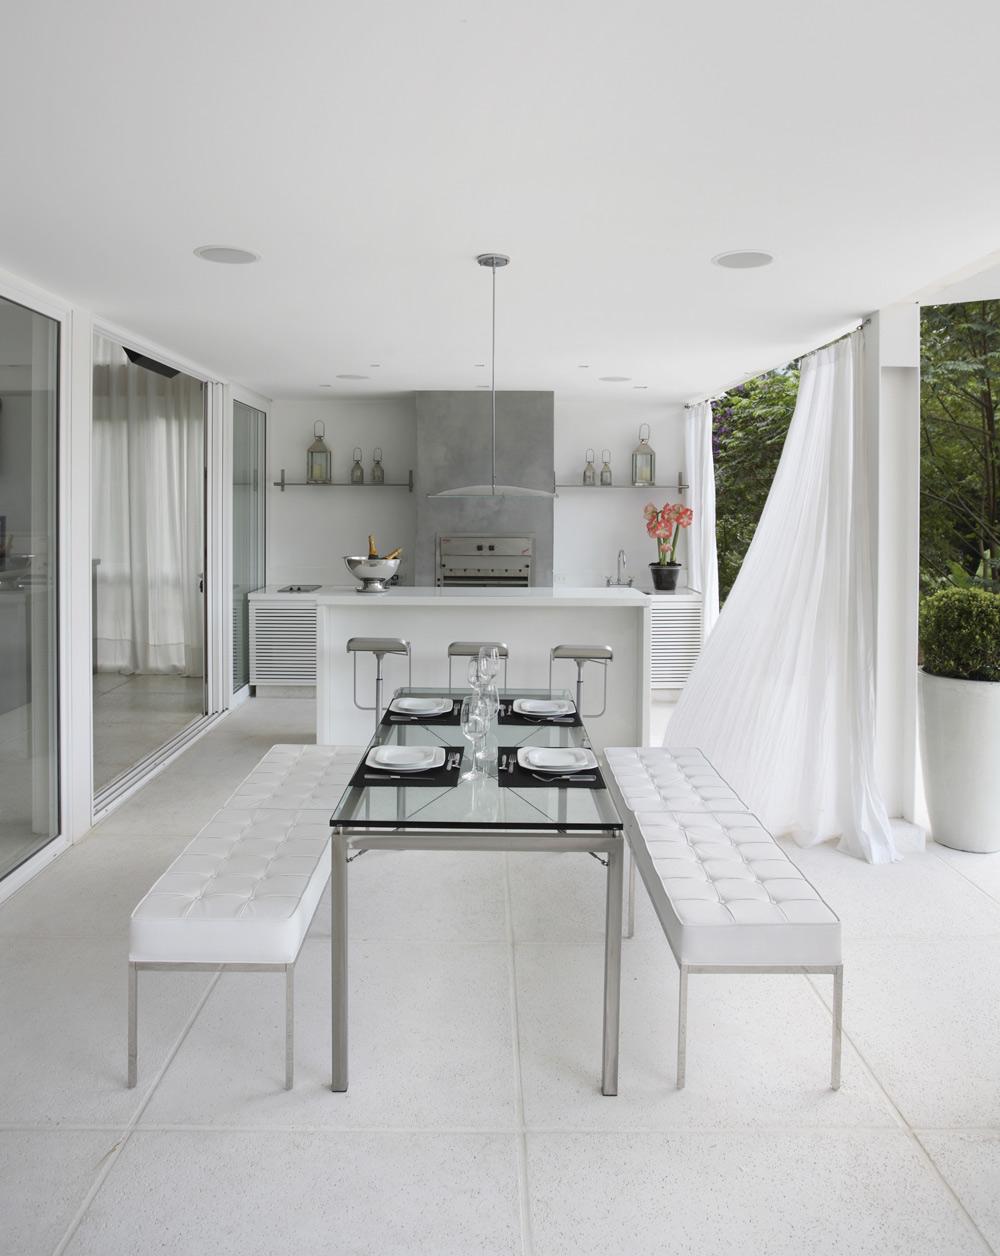 Minimalista mas aconchegante casa de valentina for Casa minimalista grande